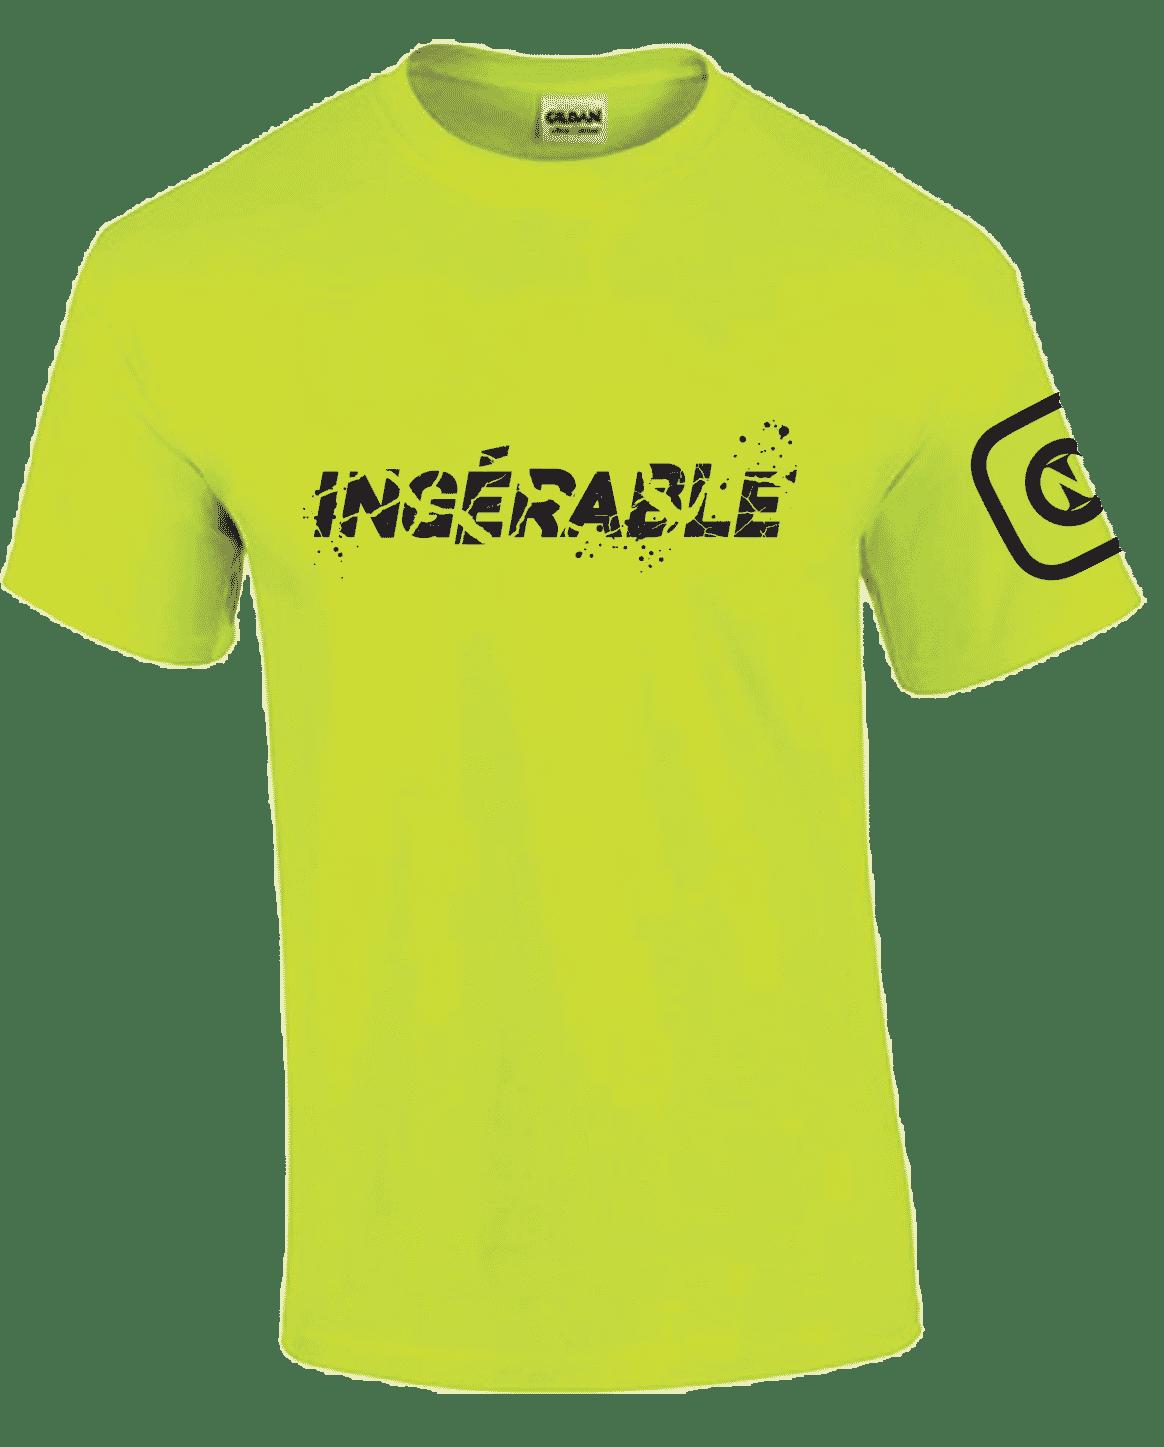 Floc-kings - t-shirt événementiel Ingérable